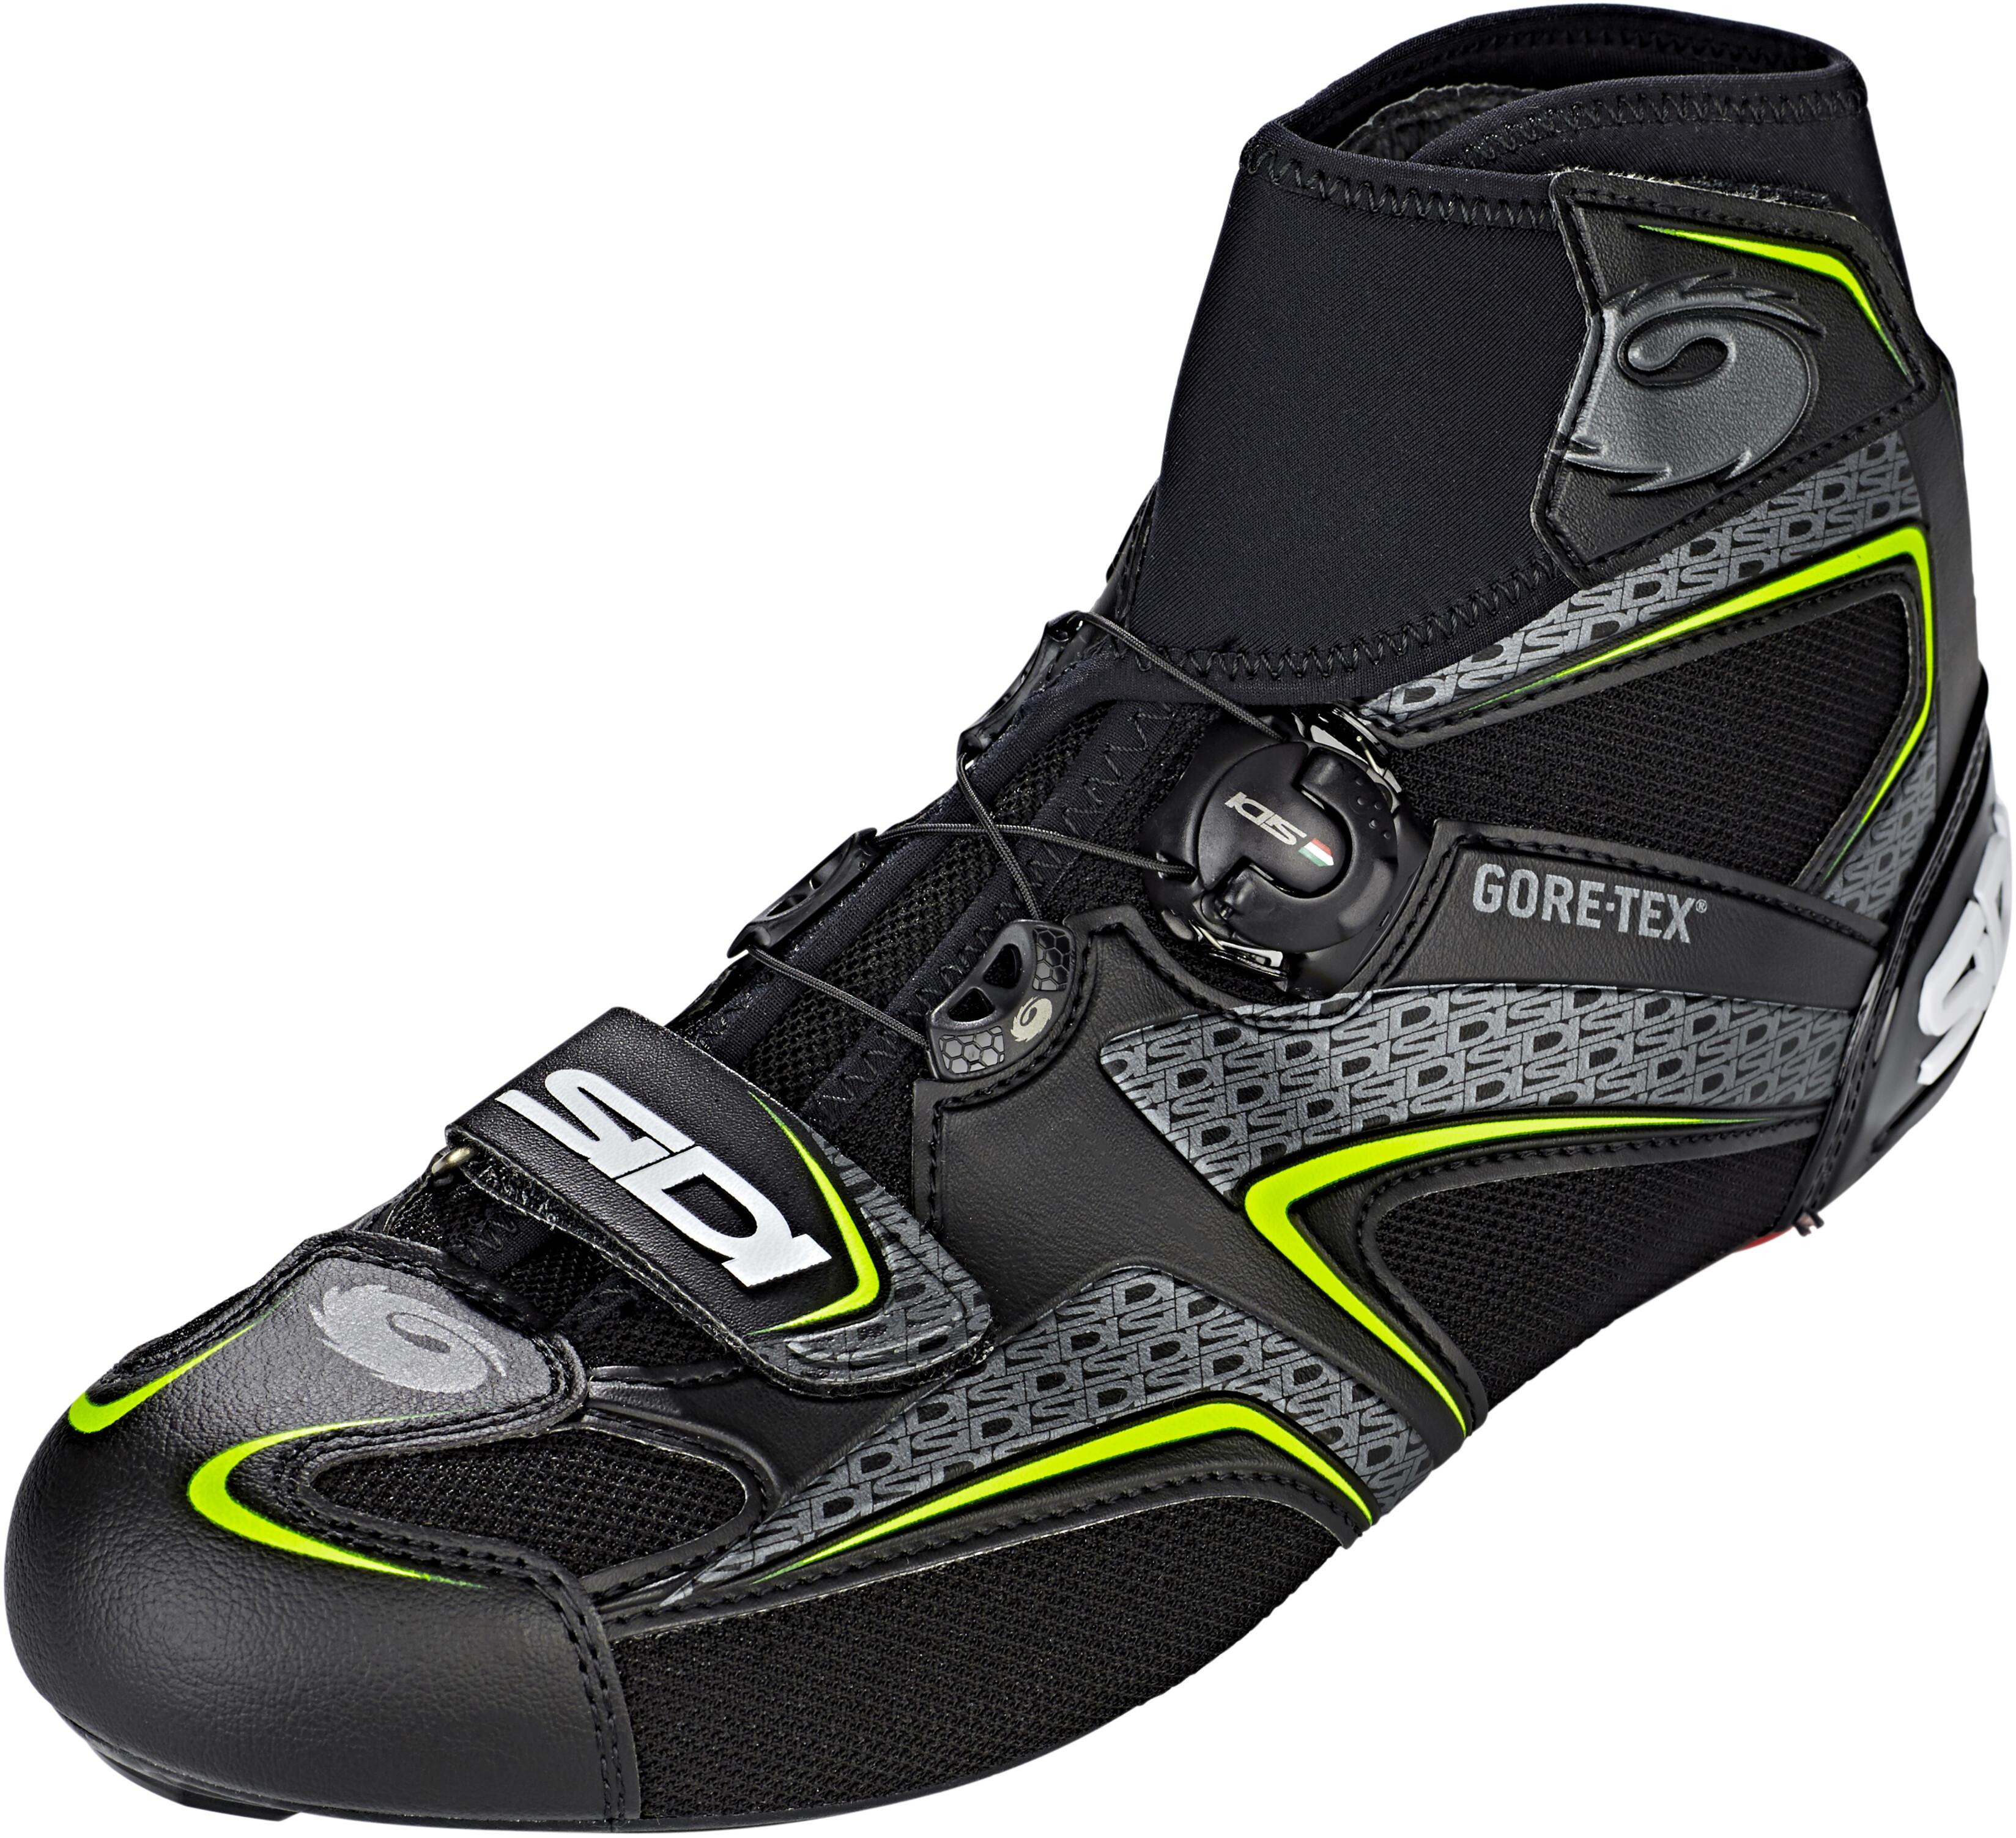 Sidi Frost Gore - Chaussures Homme - gris noir - Boutique de vélos ... df11f86401e3